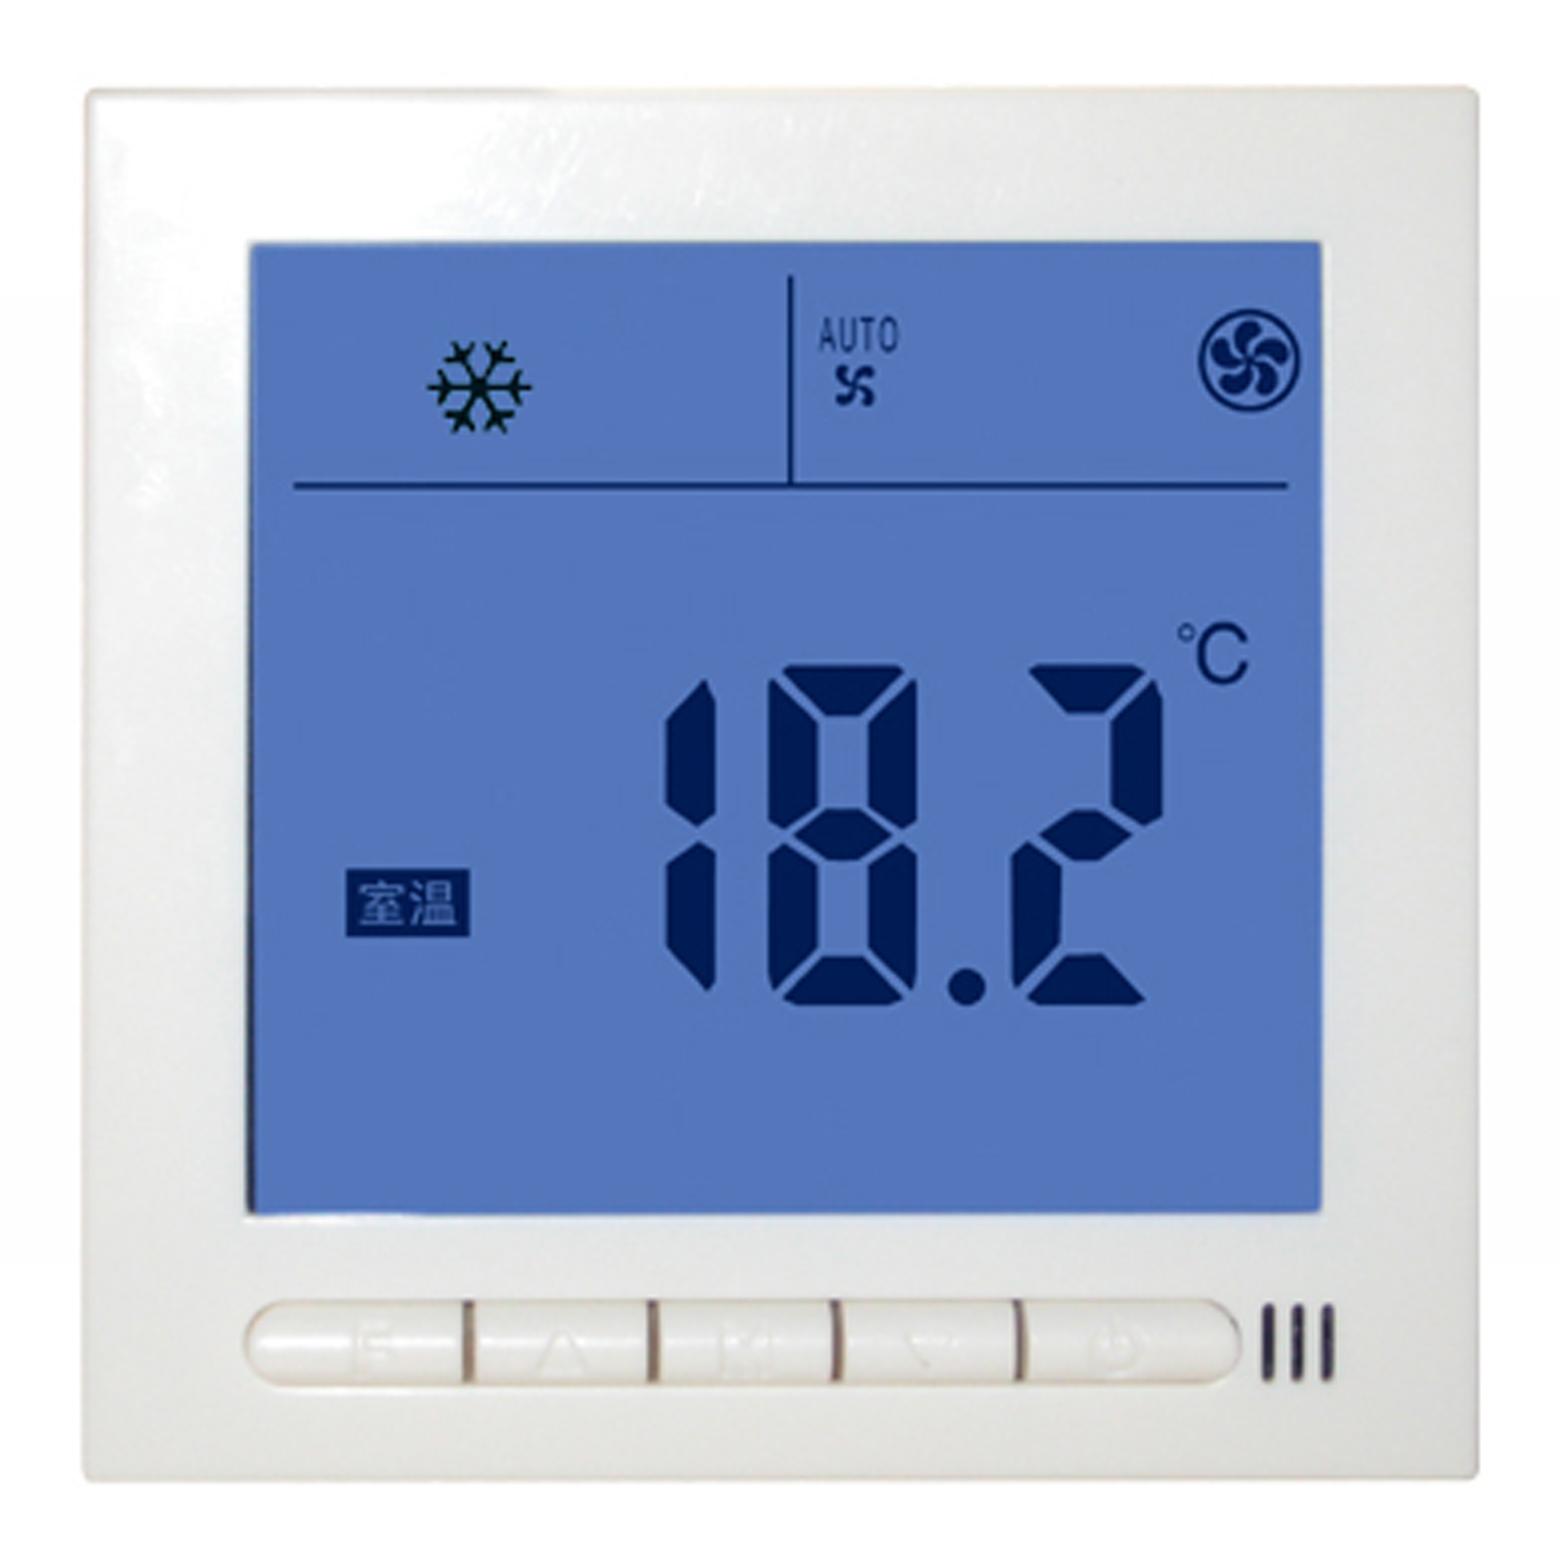 YKC3010单显亿科成超大液晶风机盘管温度控制器